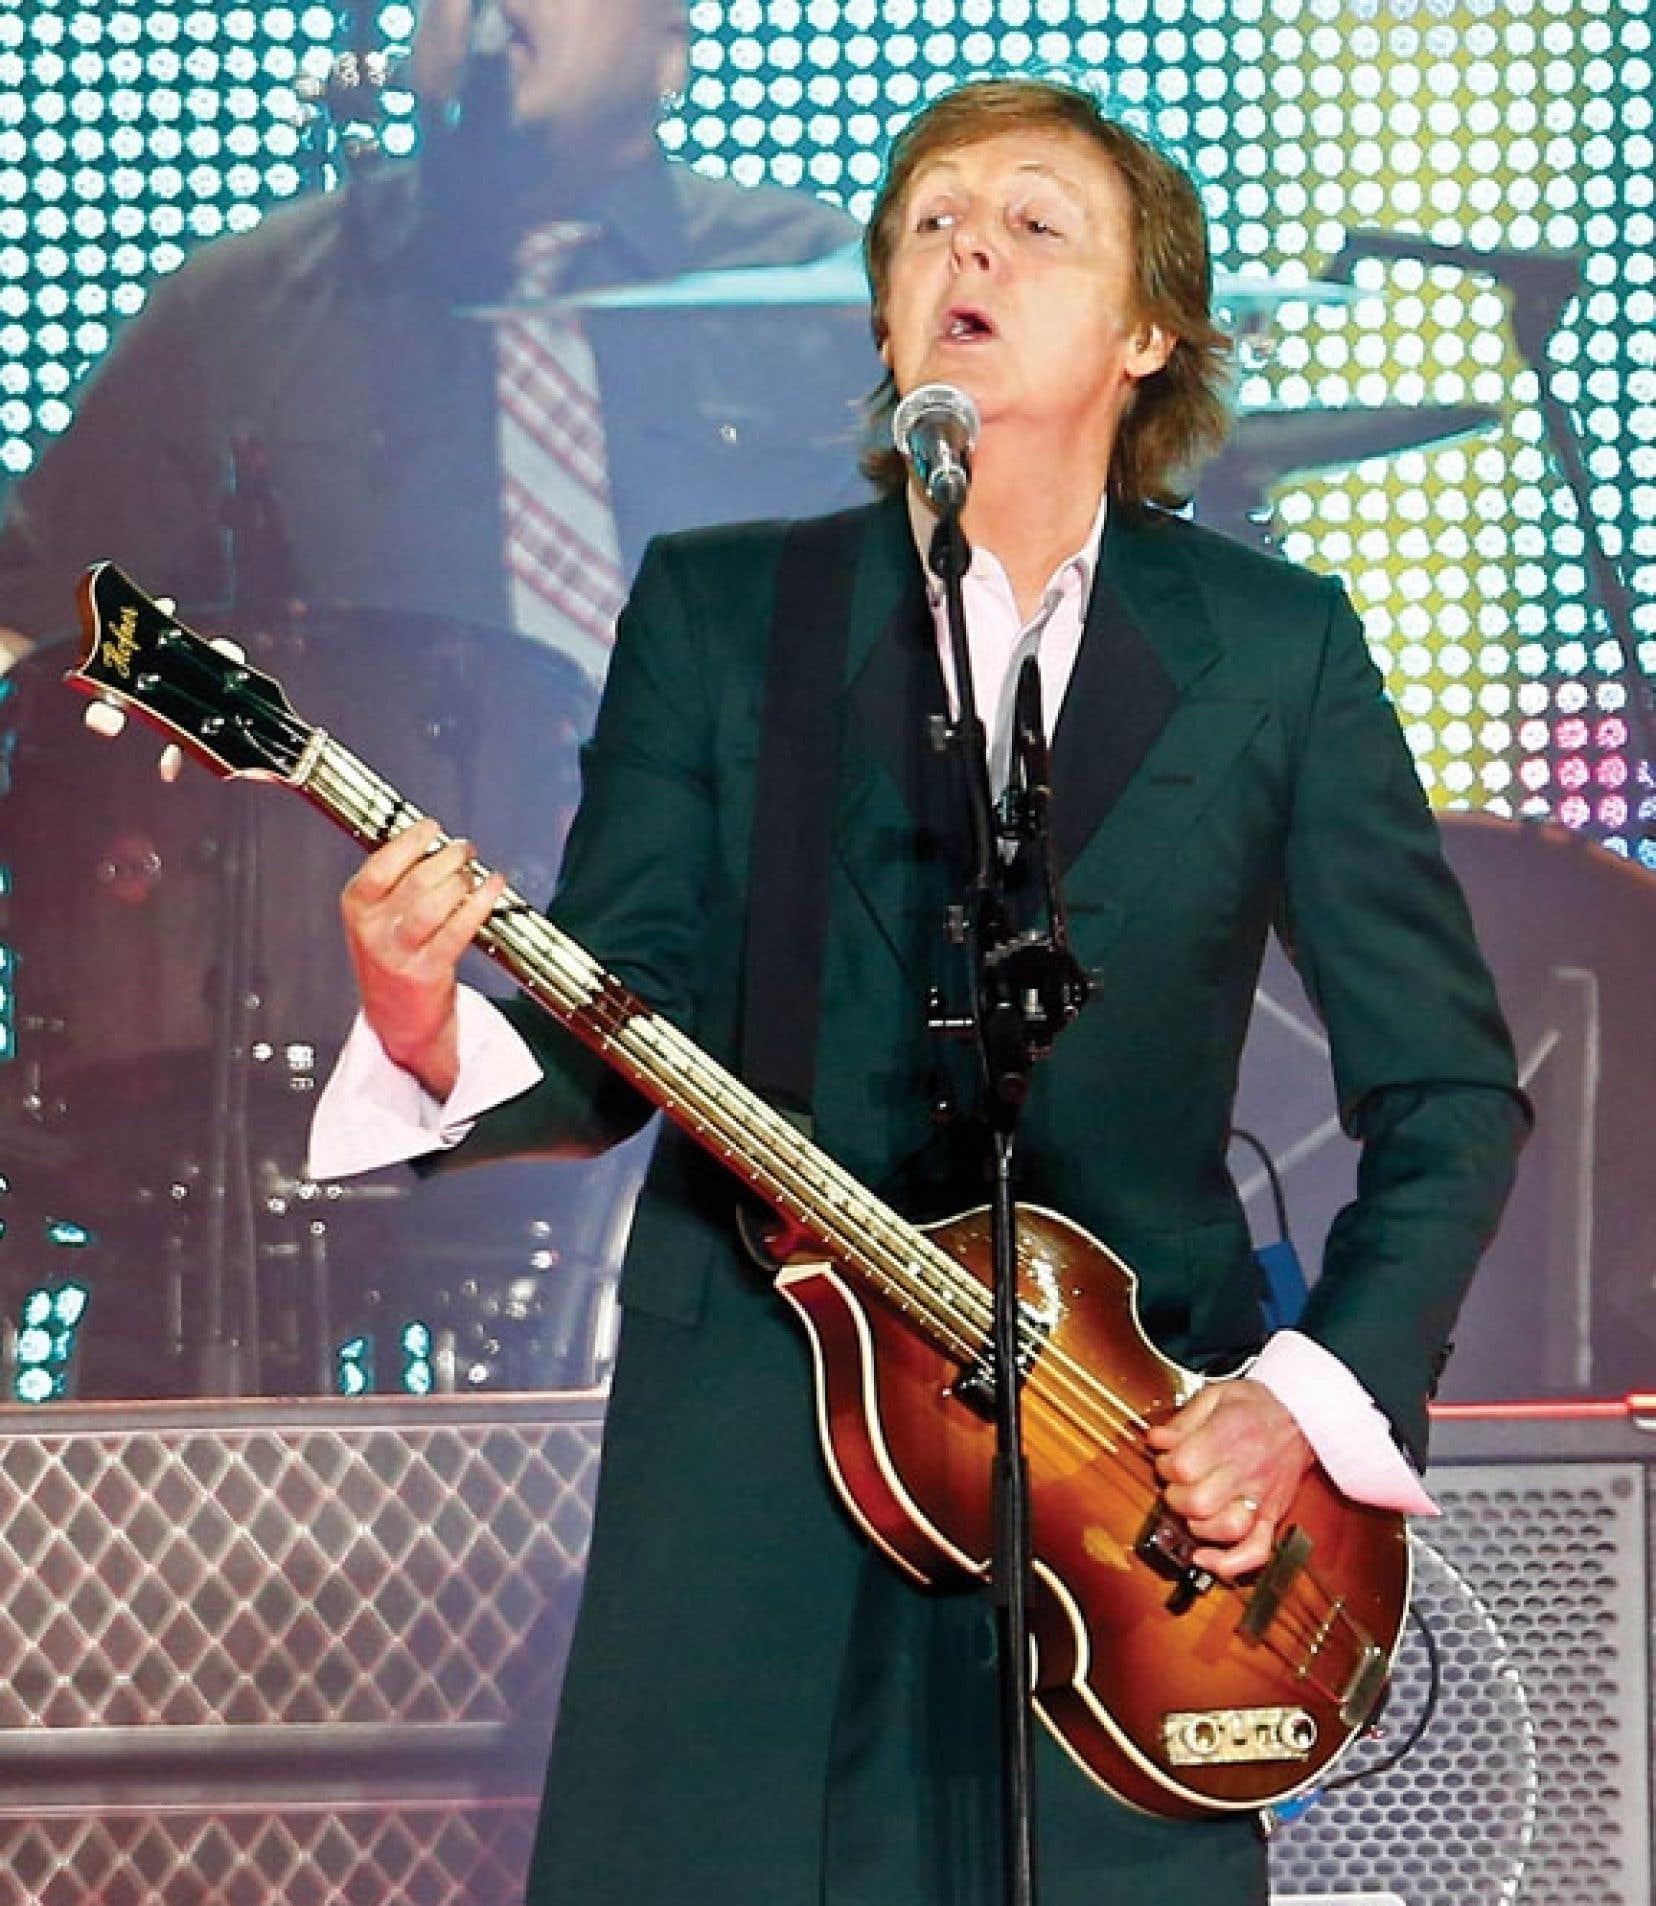 Vers 21 h 20, sir Paul McCartney est arrivé sur la scène des Plaines, l'air décontracté, en redingote, pour entamer le spectacle avec Eight Days a Week.